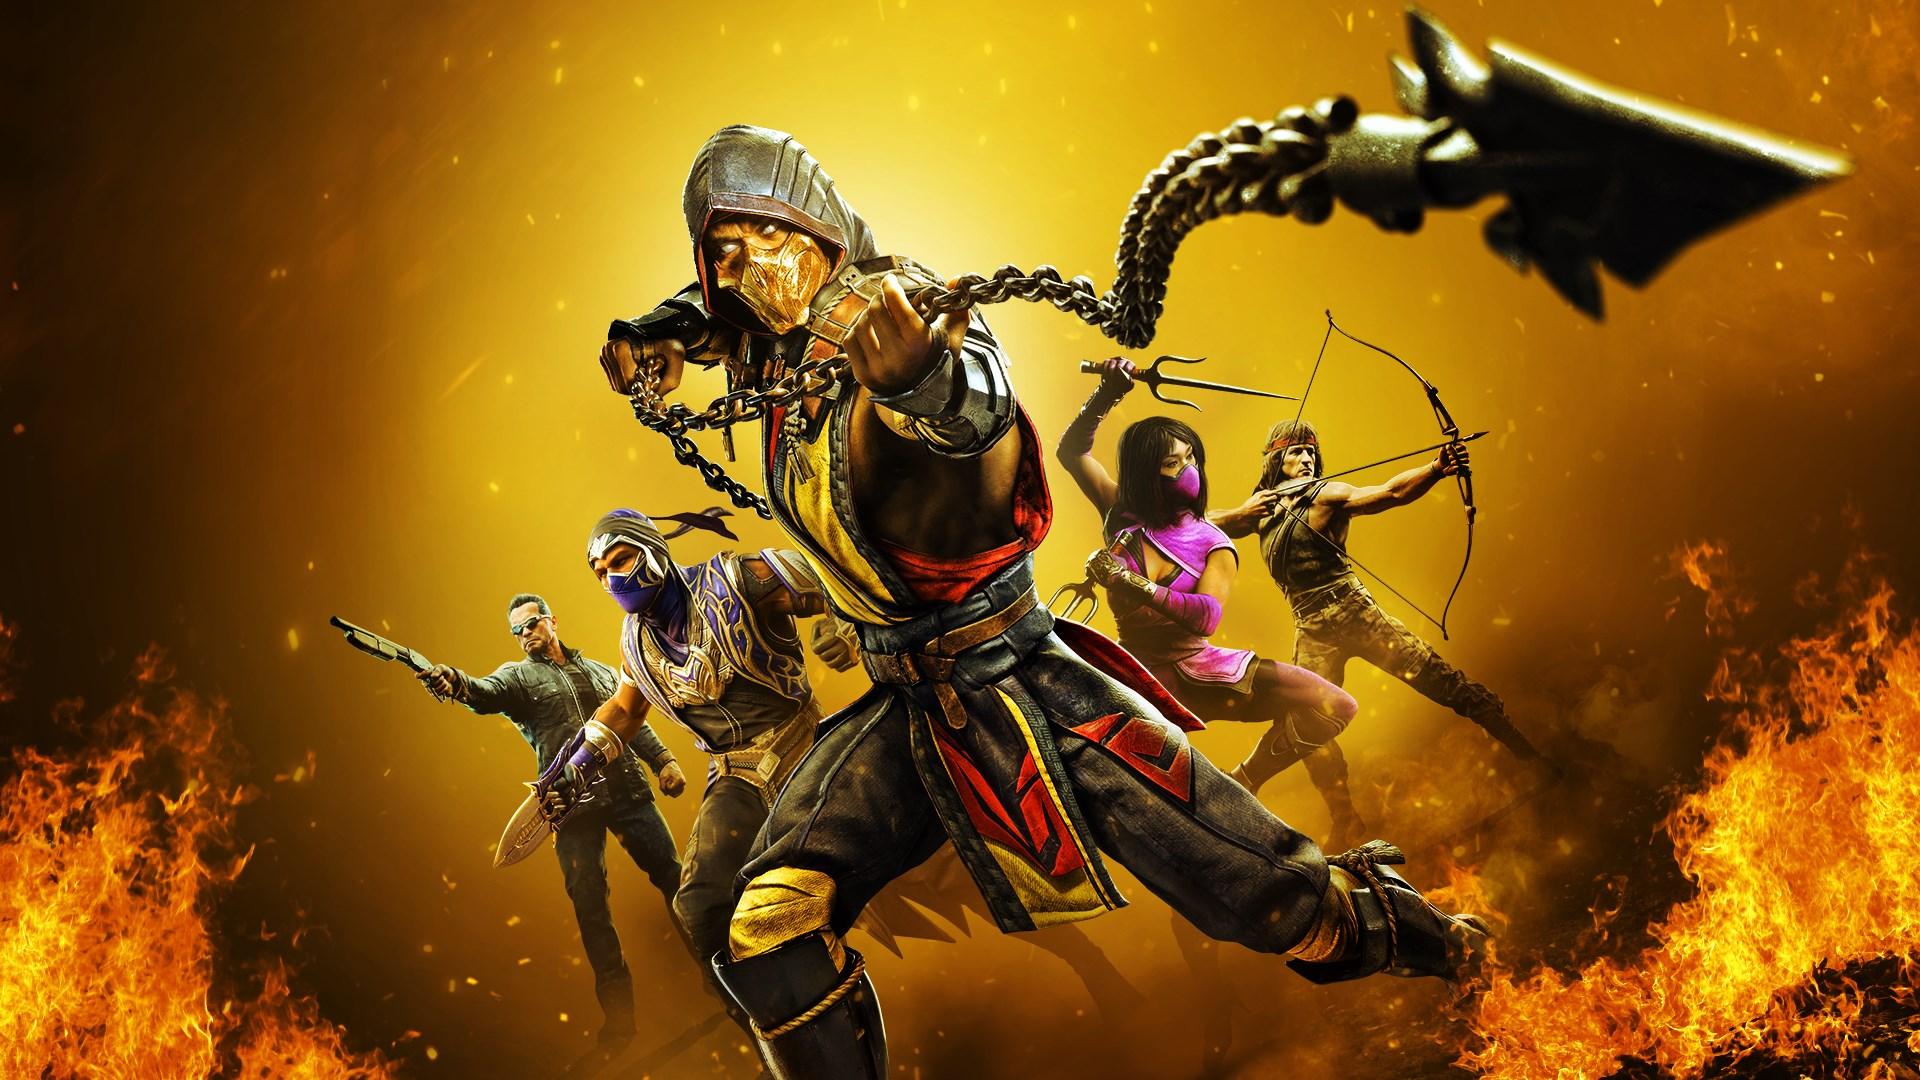 دانلود کرک بازی Mortal Kombat 11 برای کامپیوتر